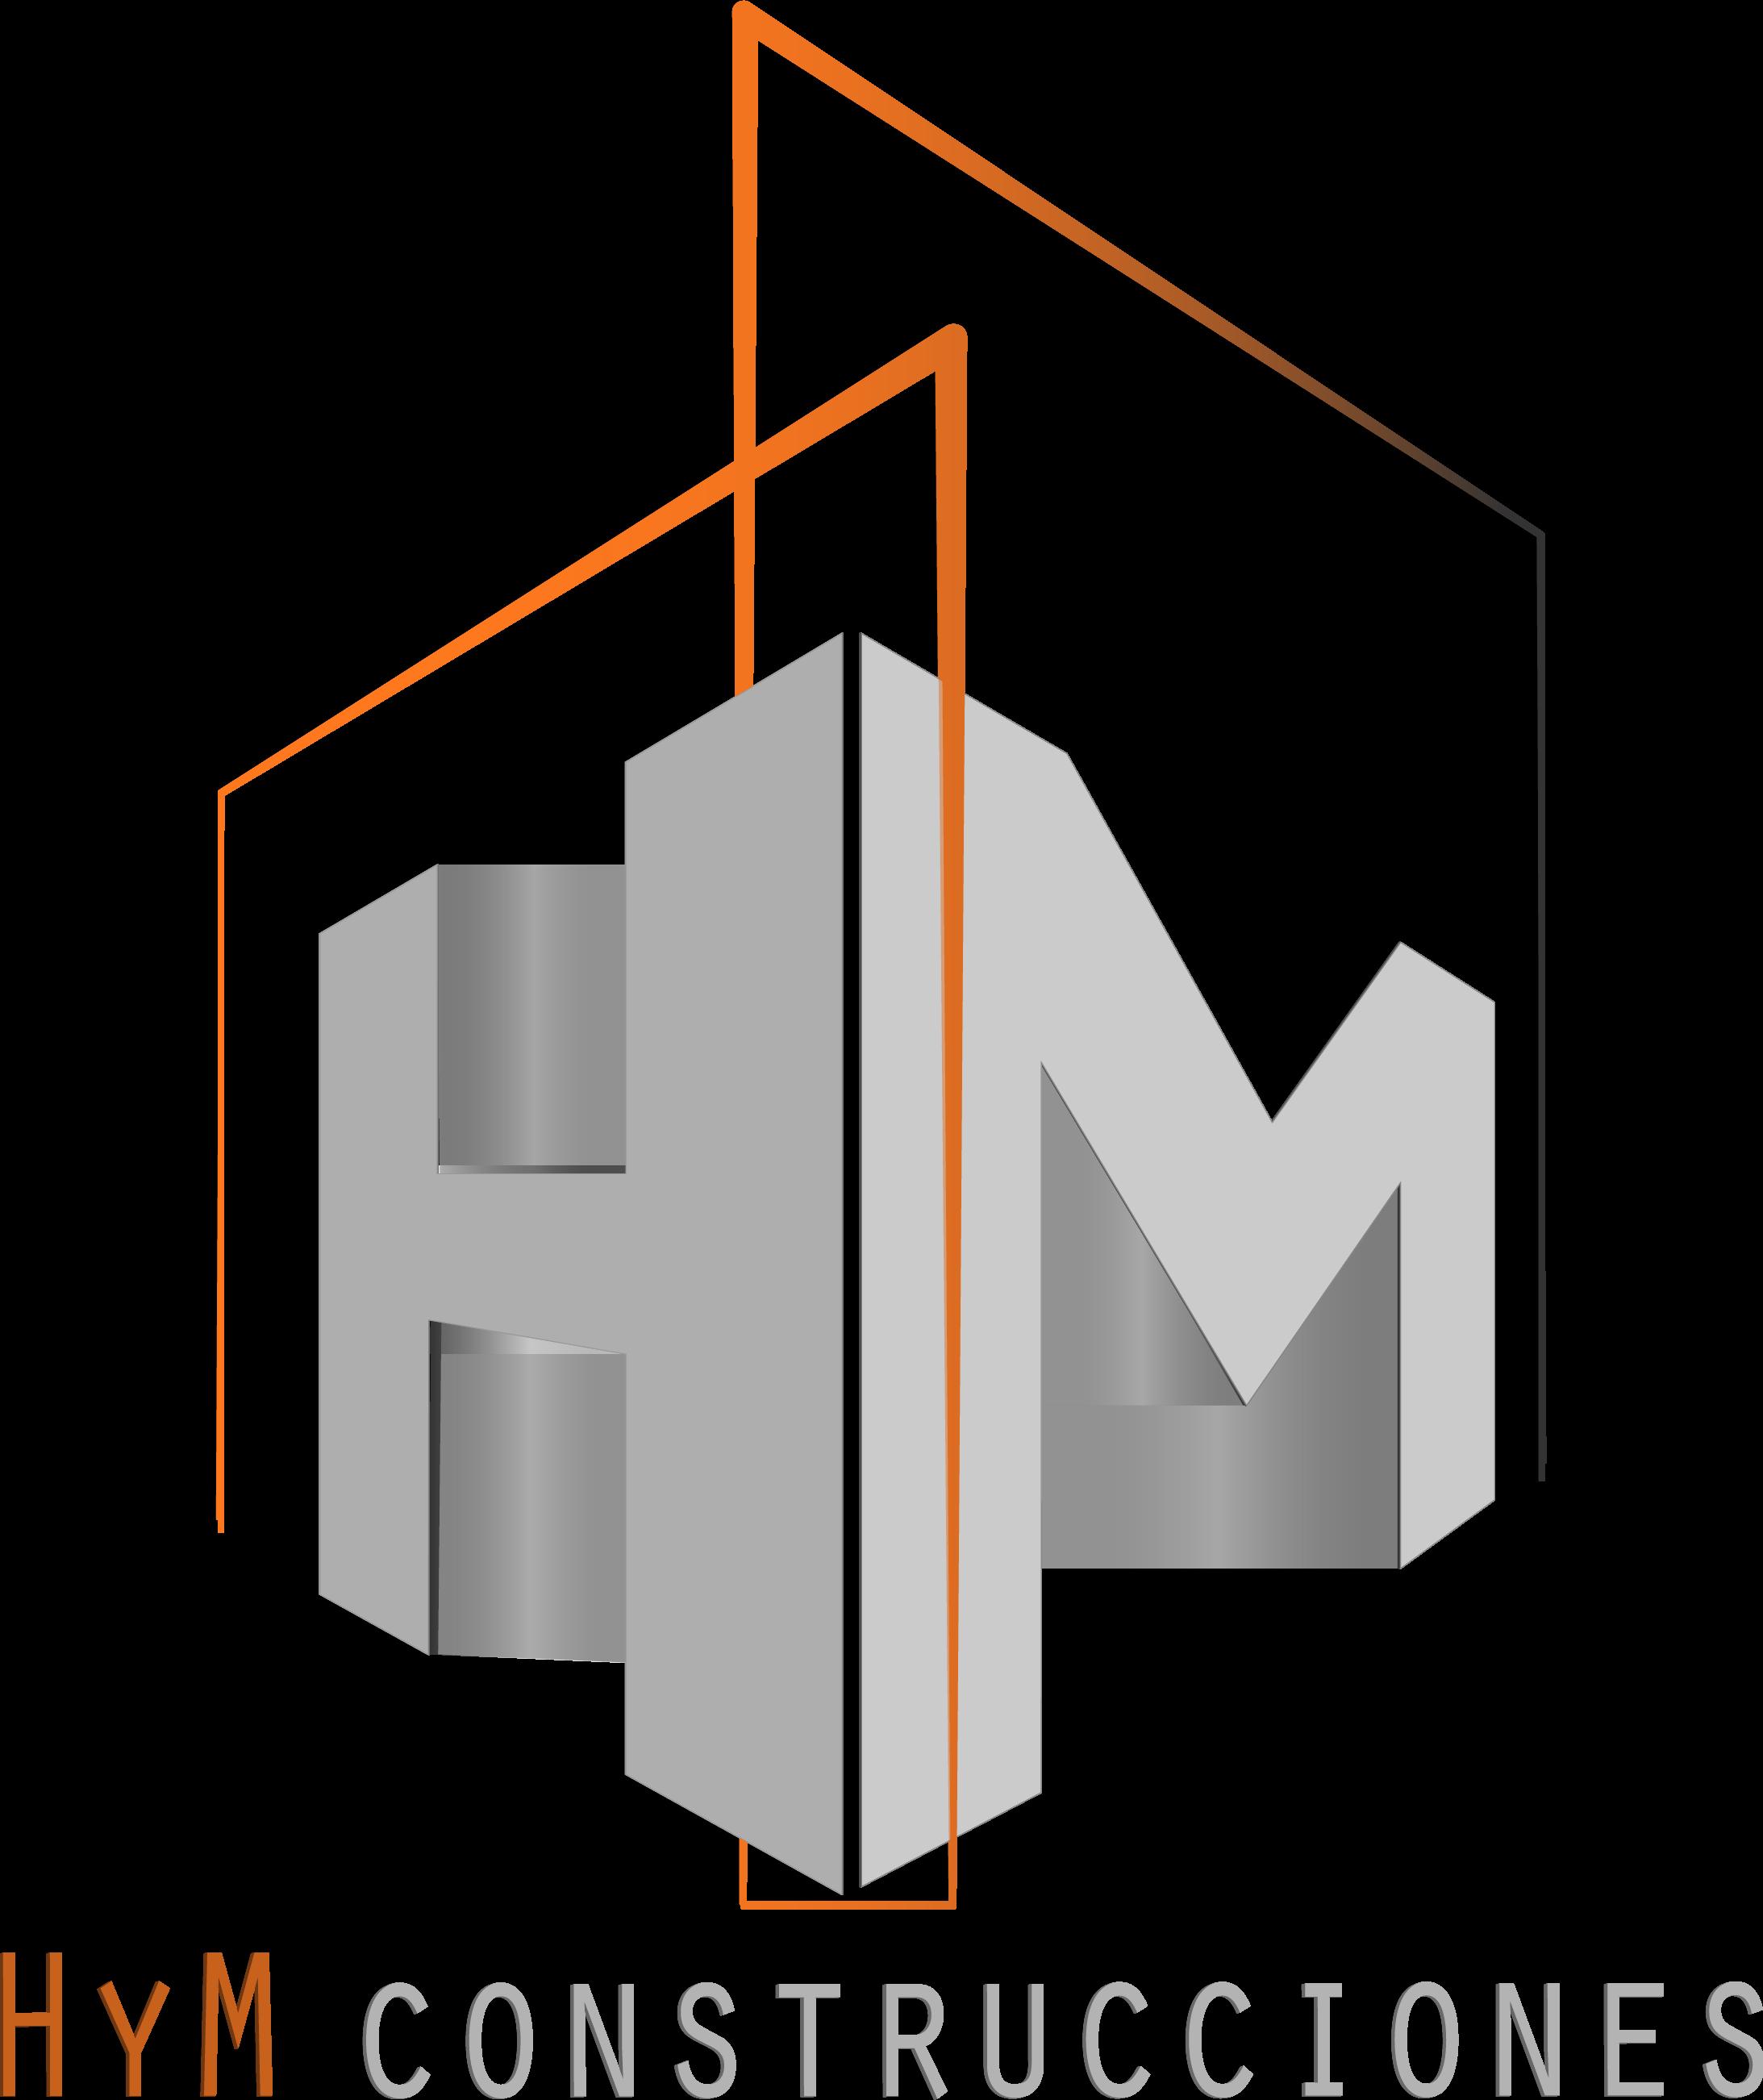 Hym Construcciones